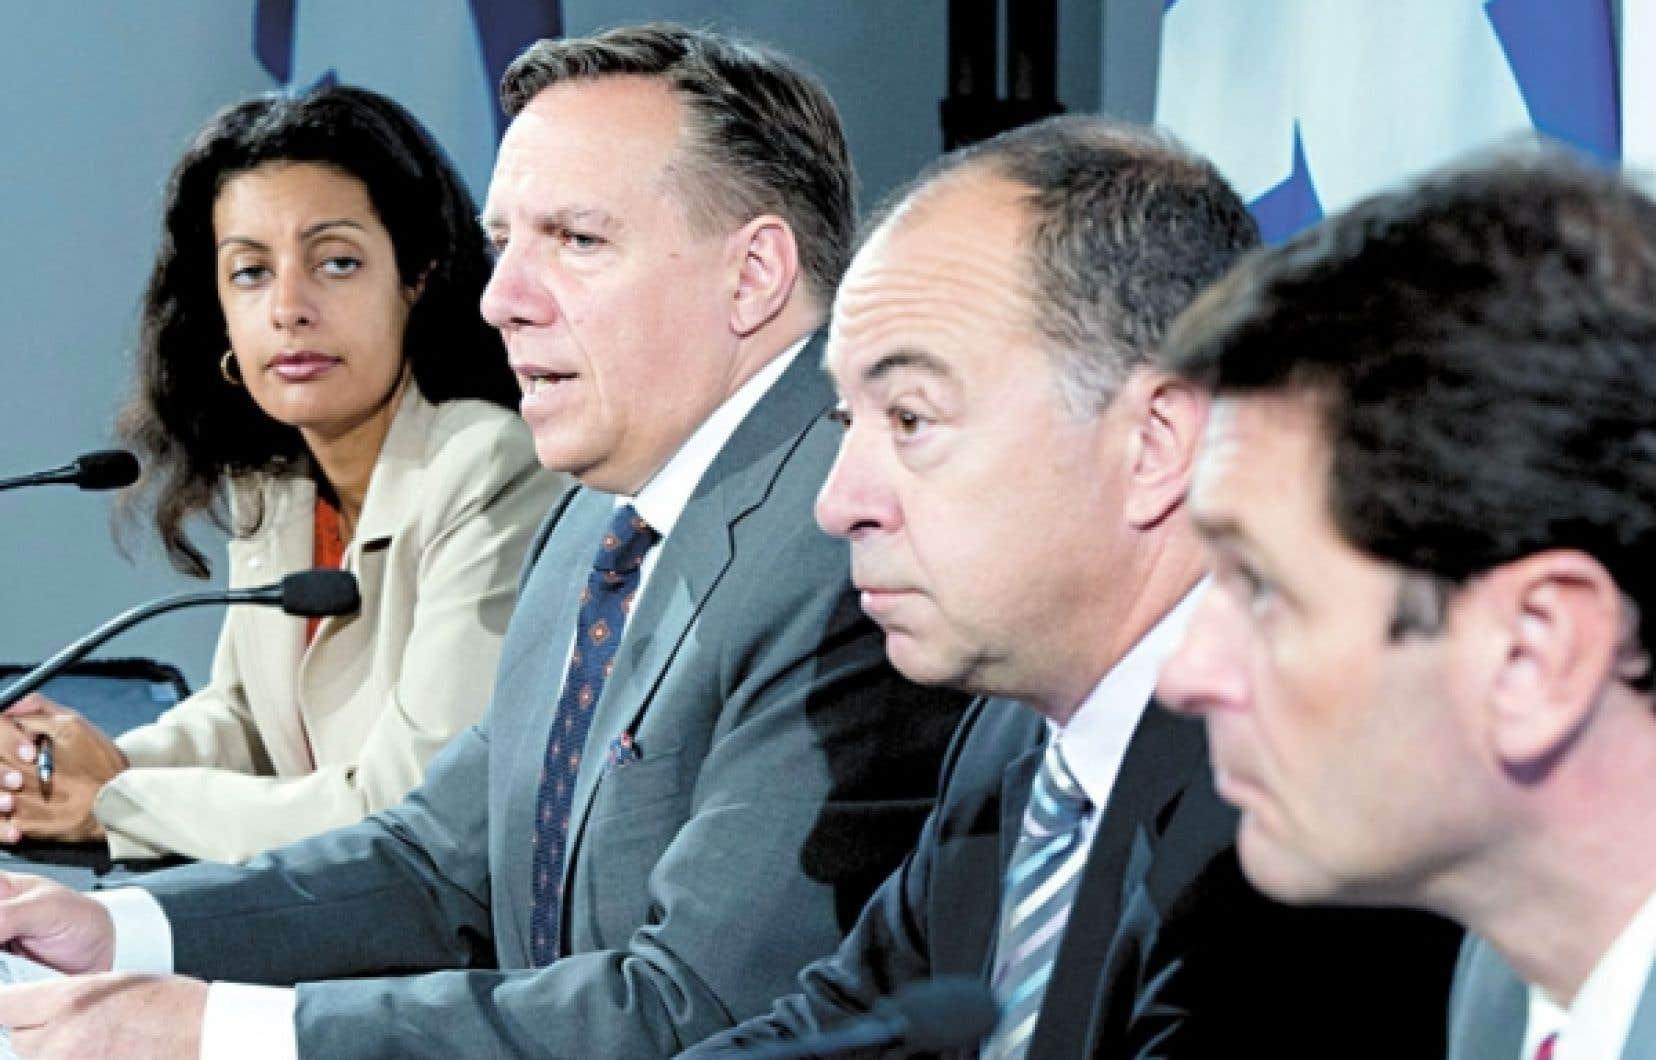 François Legault avec certains de ses candidats: Dominique Anglade, Christian Dubé et François Bonnardel.